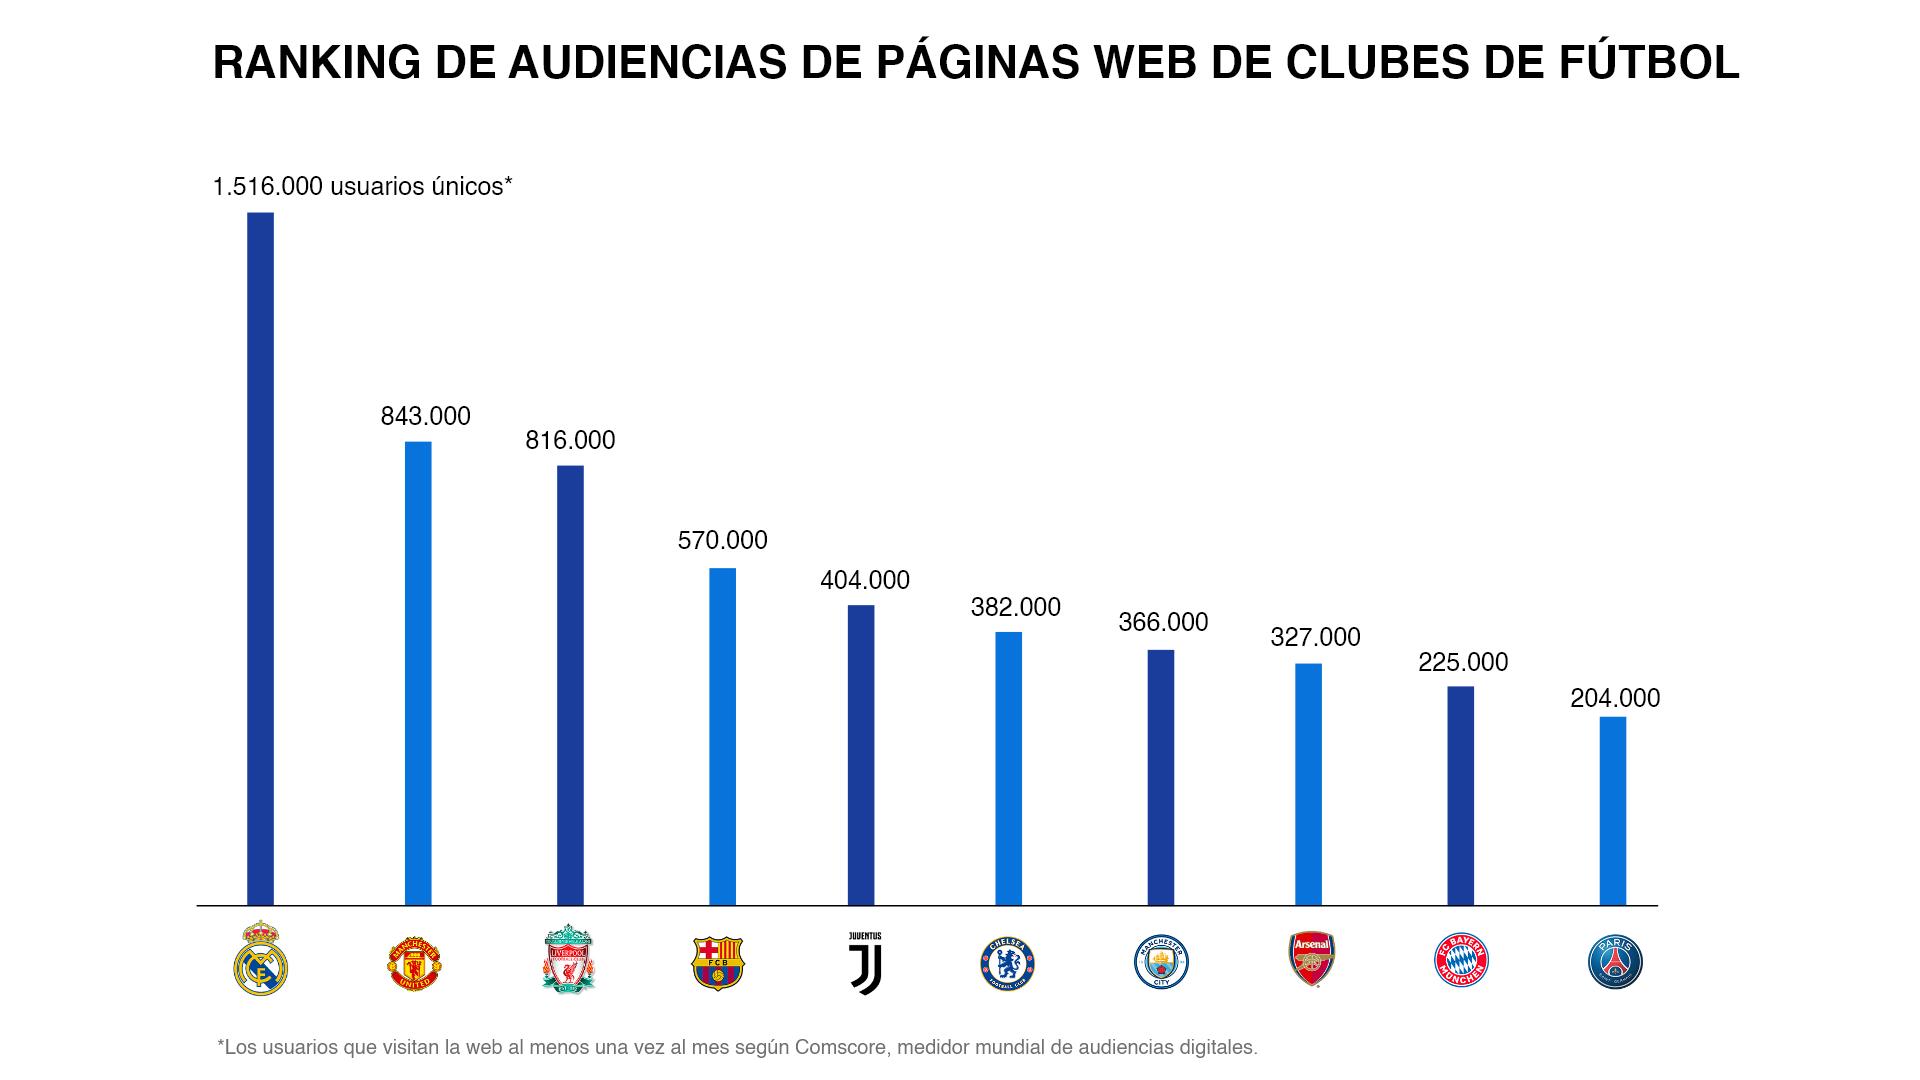 RANKING DE AUDIENCIAS DE PÁGINAS WEB DE CLUBES DE FÚTBOL